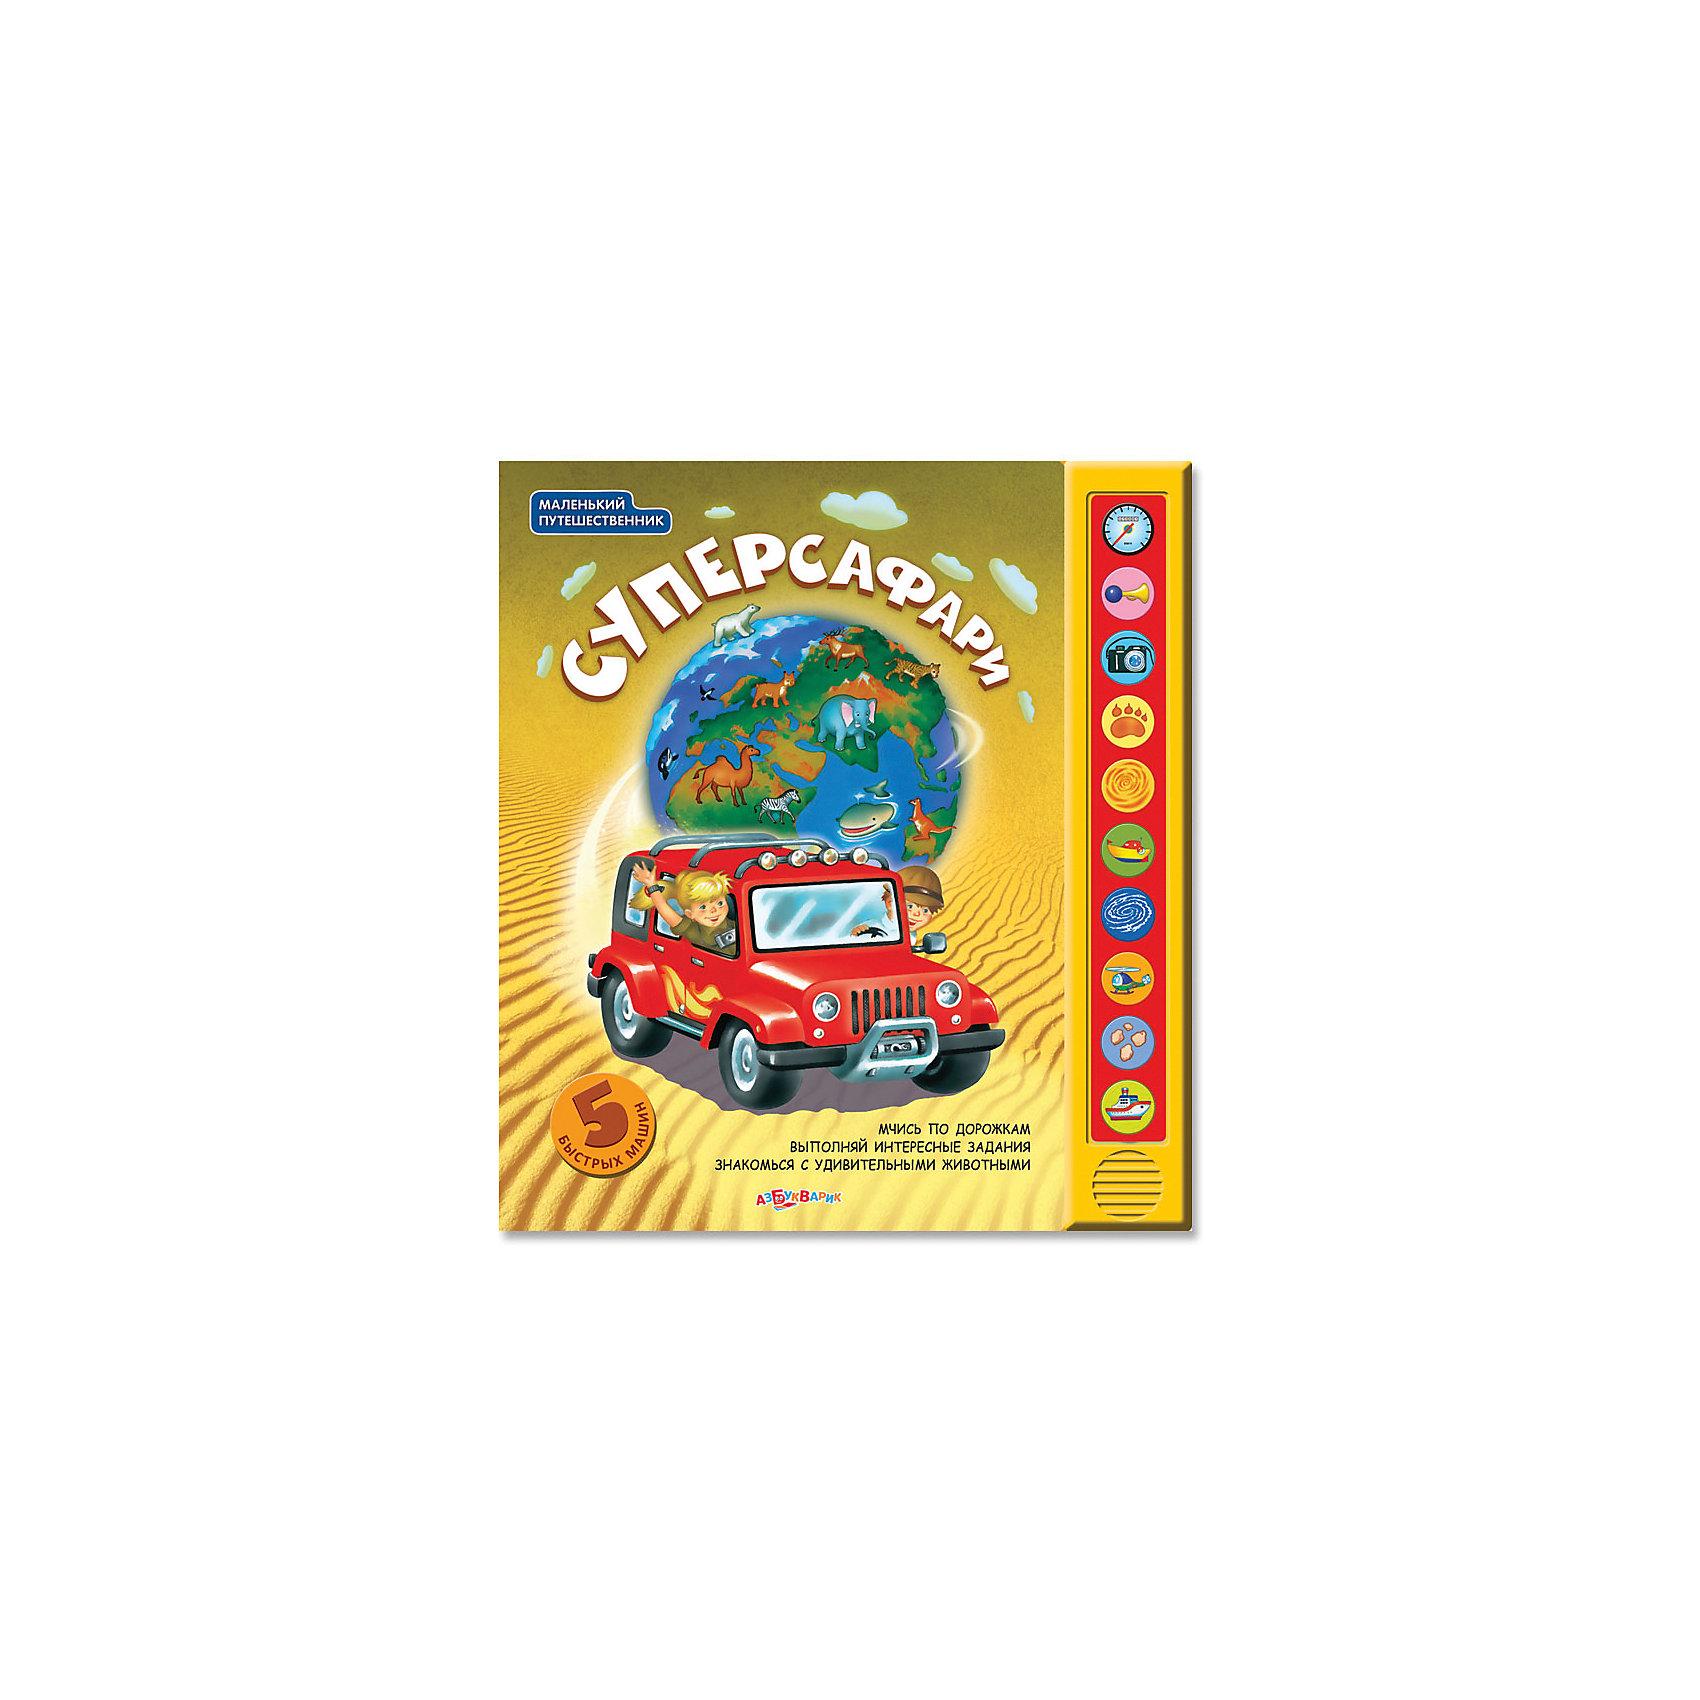 СуперсафариАзбукварик<br>Эта книга позволит малышу стать настоящим водителем пяти разных машин и побывать во всех уголках планеты. Совершить эти невероятные путешествия помогут подвижные фигурки на страницах, звуковые кнопки, яркие огоньки. Издание дополнено красочными иллюстрациями, имеет твердые картонные странички, которые удобно переворачивать даже самым юным читателям. <br><br>Дополнительная информация:<br>  <br>- Переплет: картон.<br>- Формат: 24х23 см.<br>- Количество страниц: 10.<br>- Иллюстрации: цветные. <br>- Элемент питания: батарейки  AG13/LR44 (в комплекте).<br><br>Книгу Суперсафари можно купить в нашем магазине.<br><br>Ширина мм: 270<br>Глубина мм: 150<br>Высота мм: 20<br>Вес г: 700<br>Возраст от месяцев: 24<br>Возраст до месяцев: 60<br>Пол: Унисекс<br>Возраст: Детский<br>SKU: 4603700